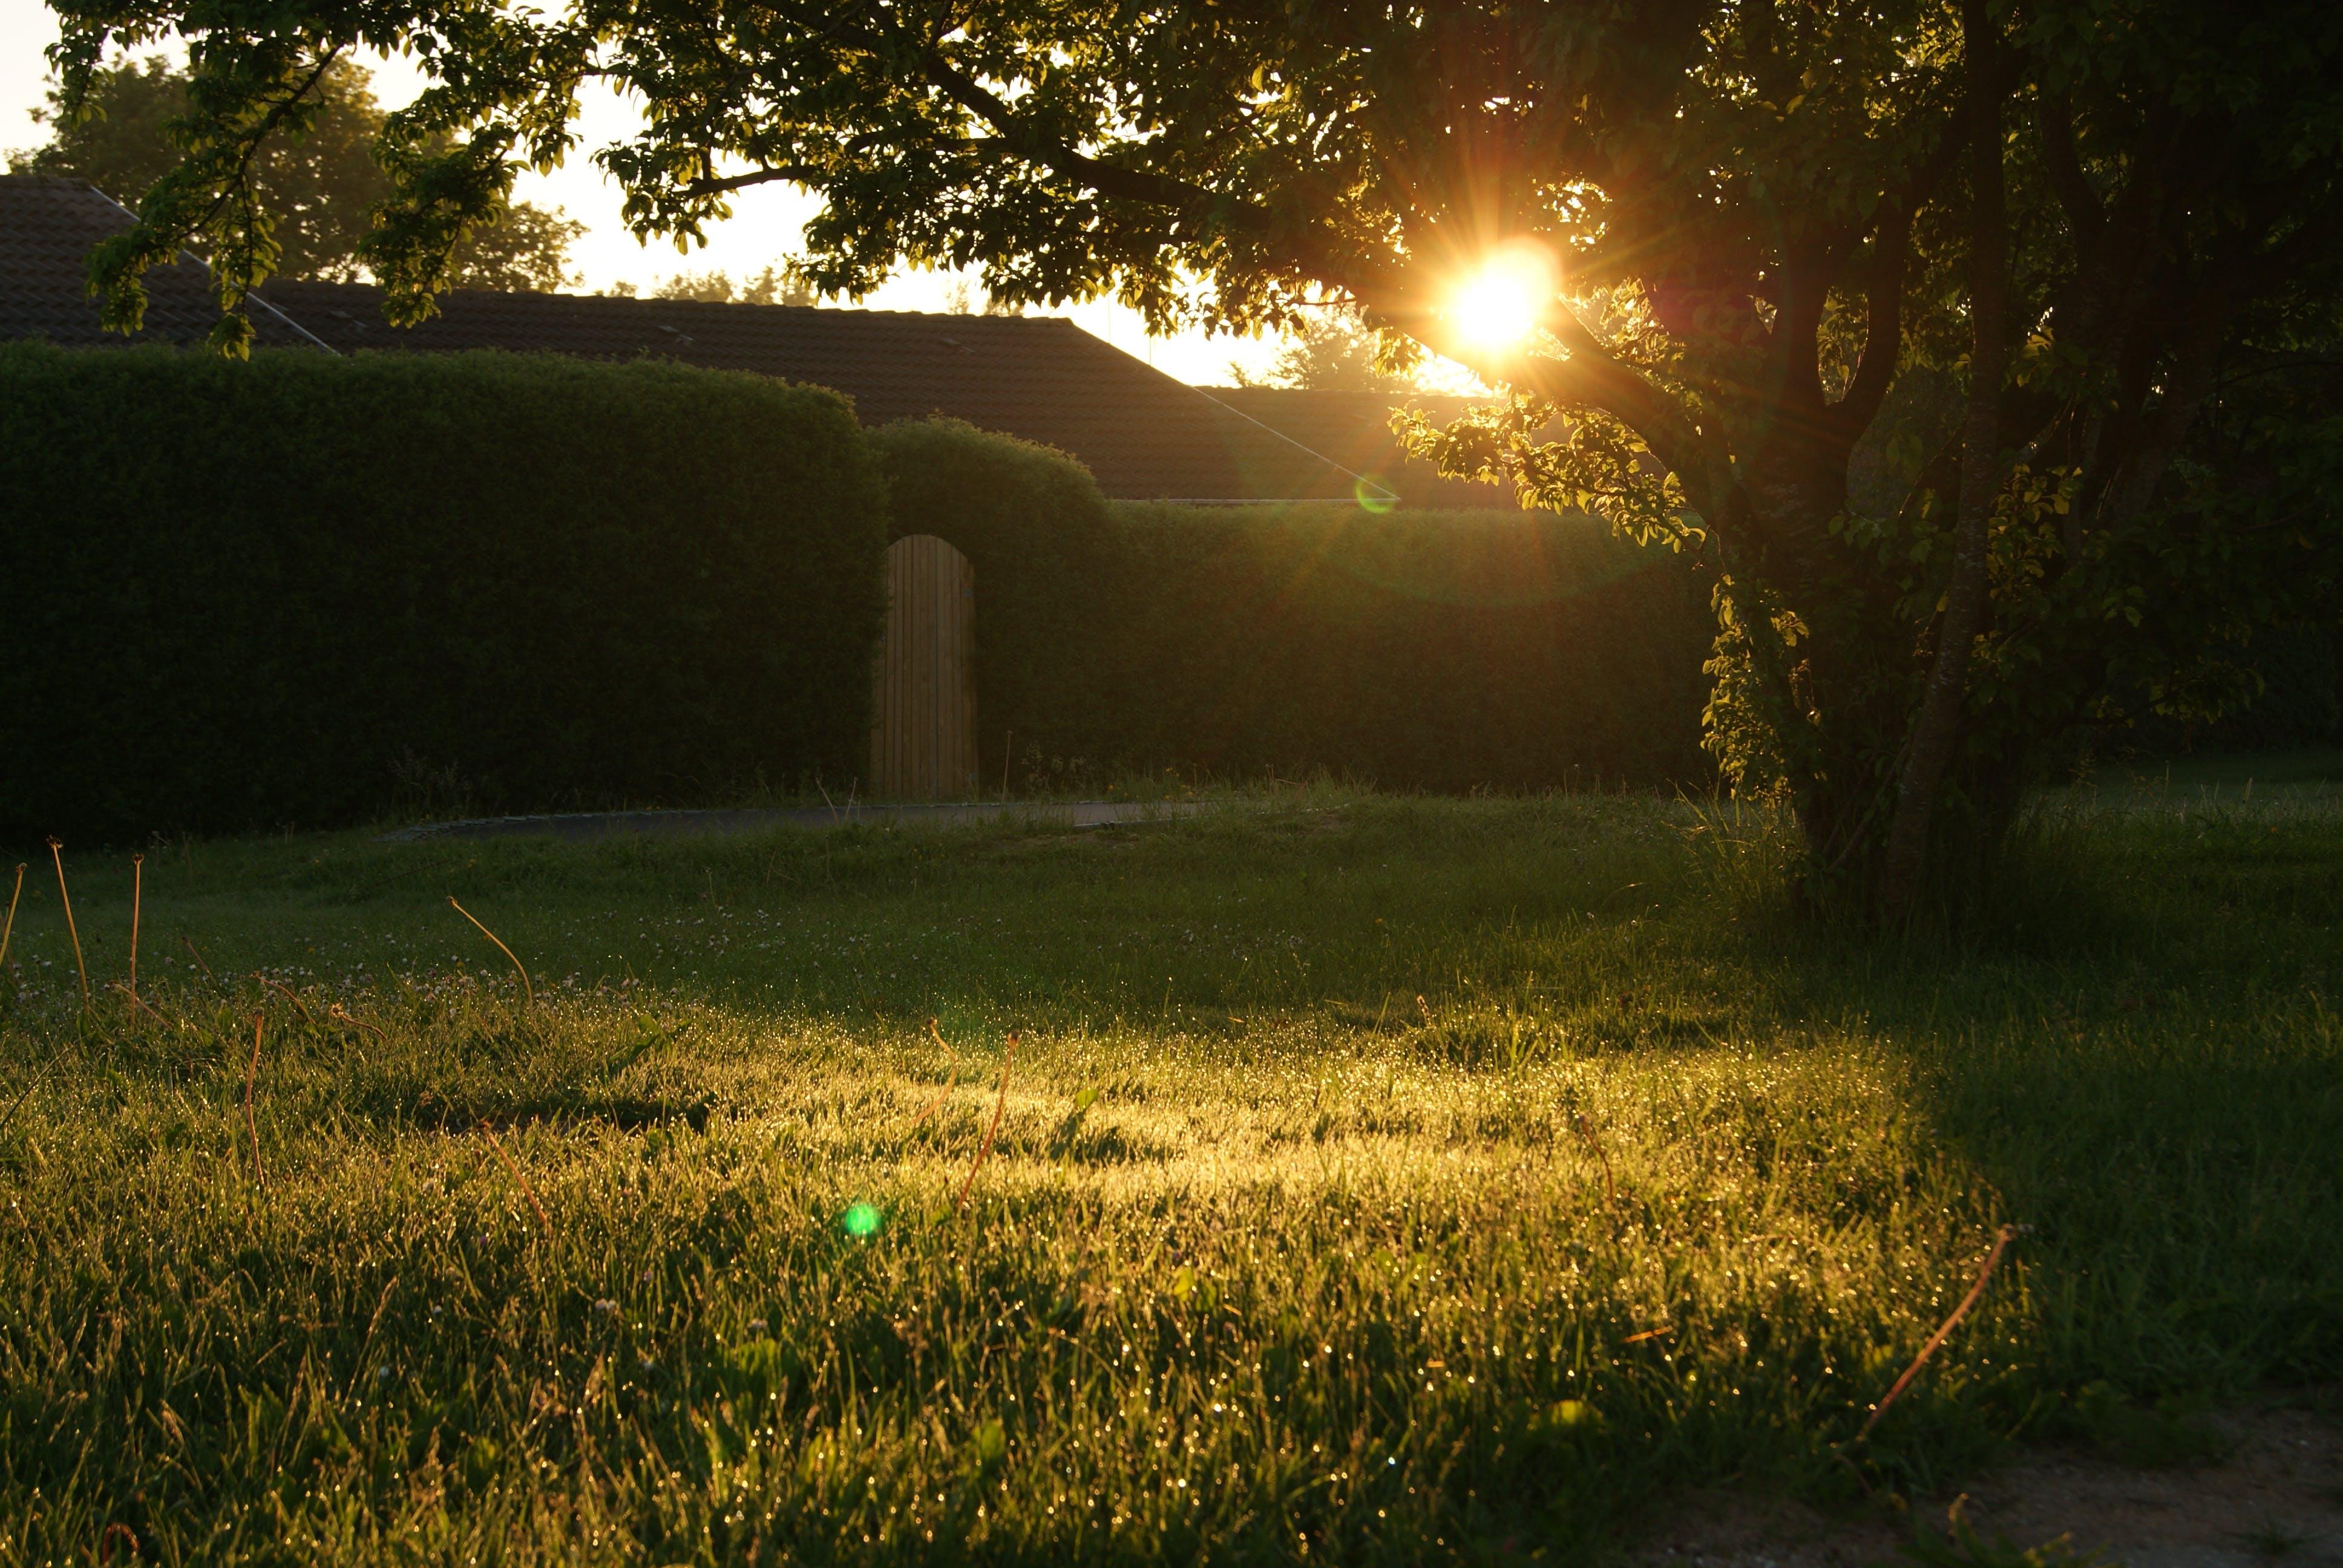 Kostenloses Stock Foto zu baum, garten, gras, hinterhof